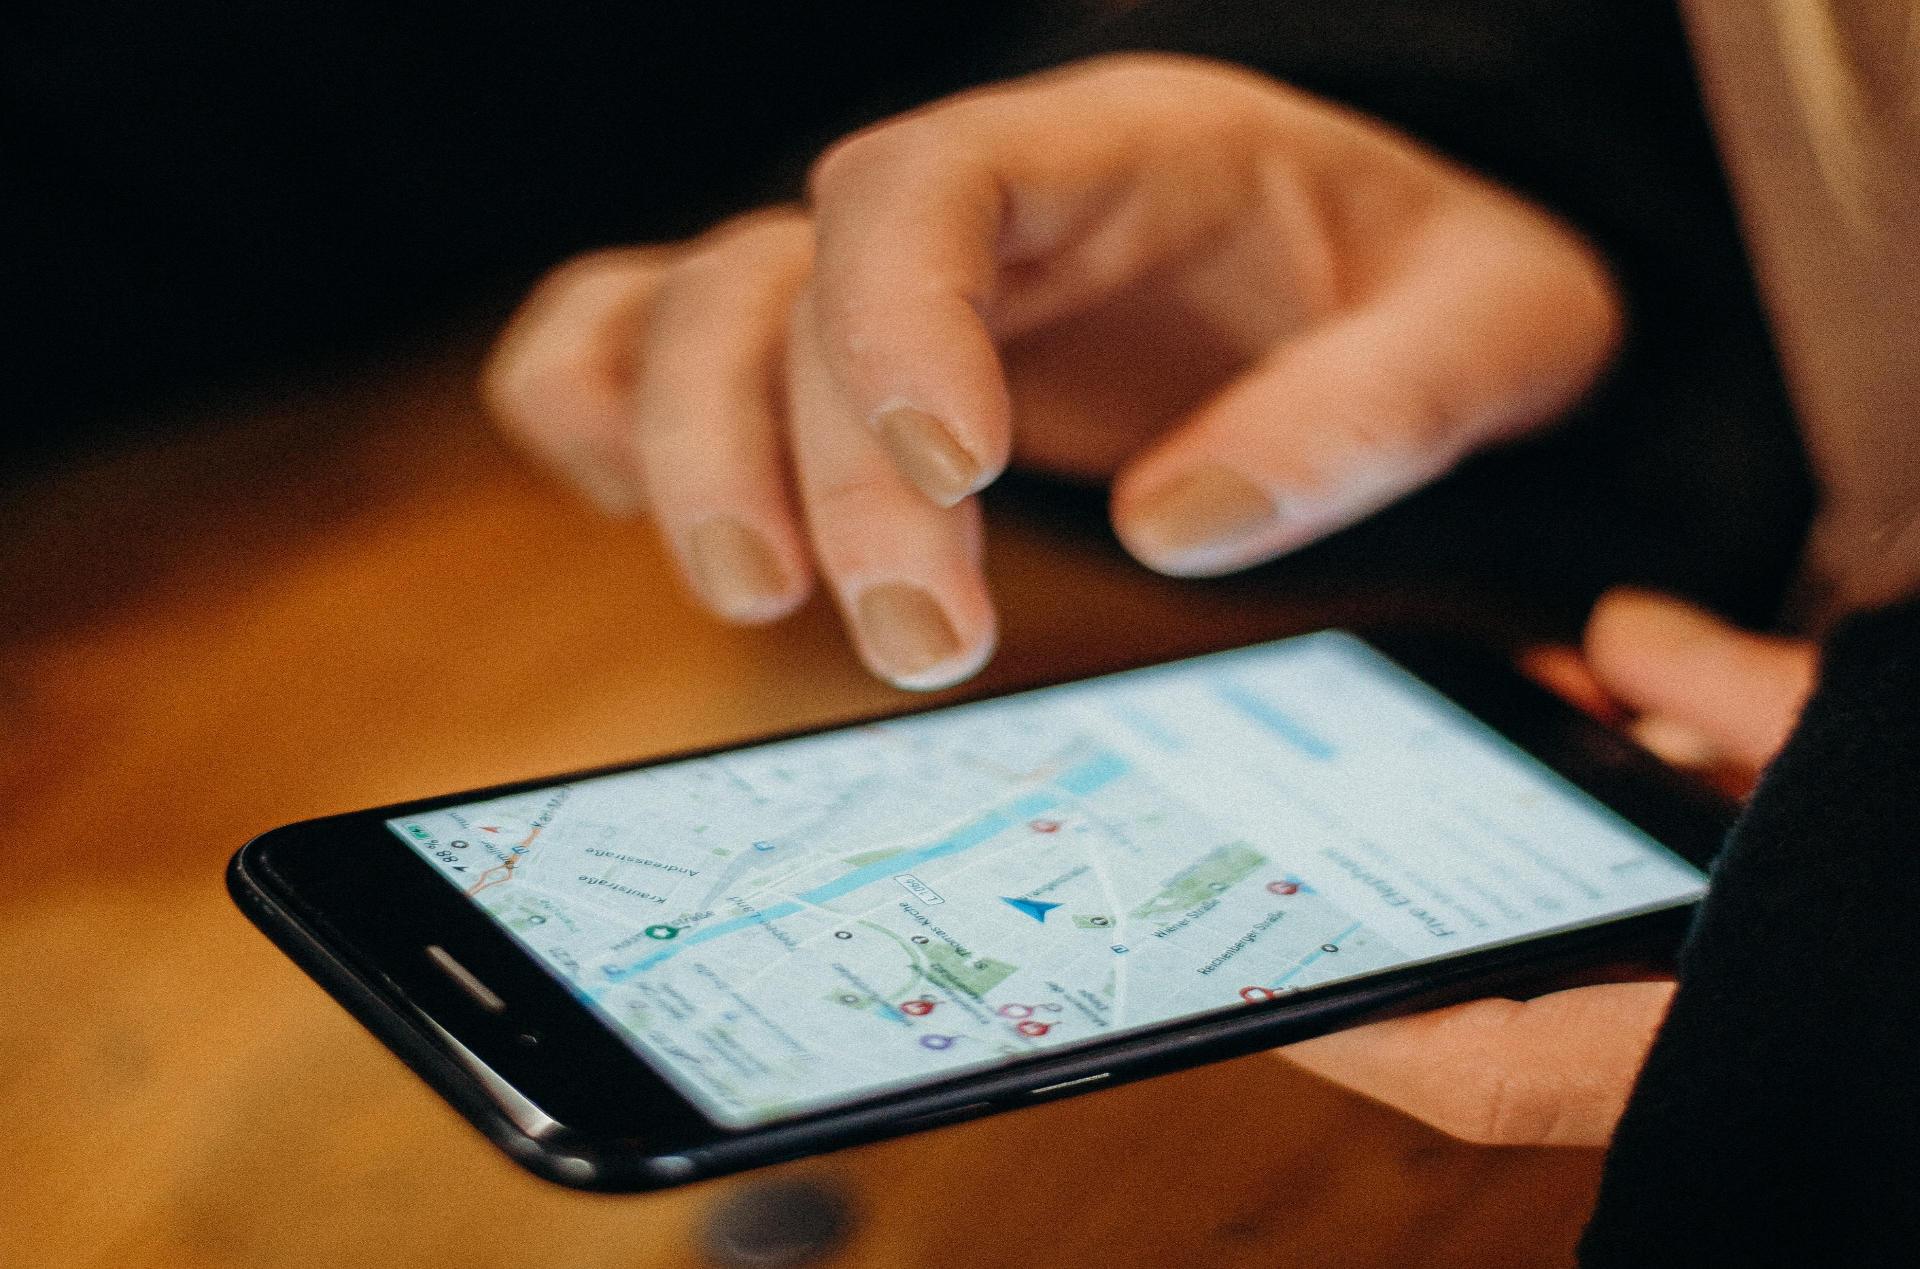 ¿Por qué no aparece mi empresa en Google Maps?